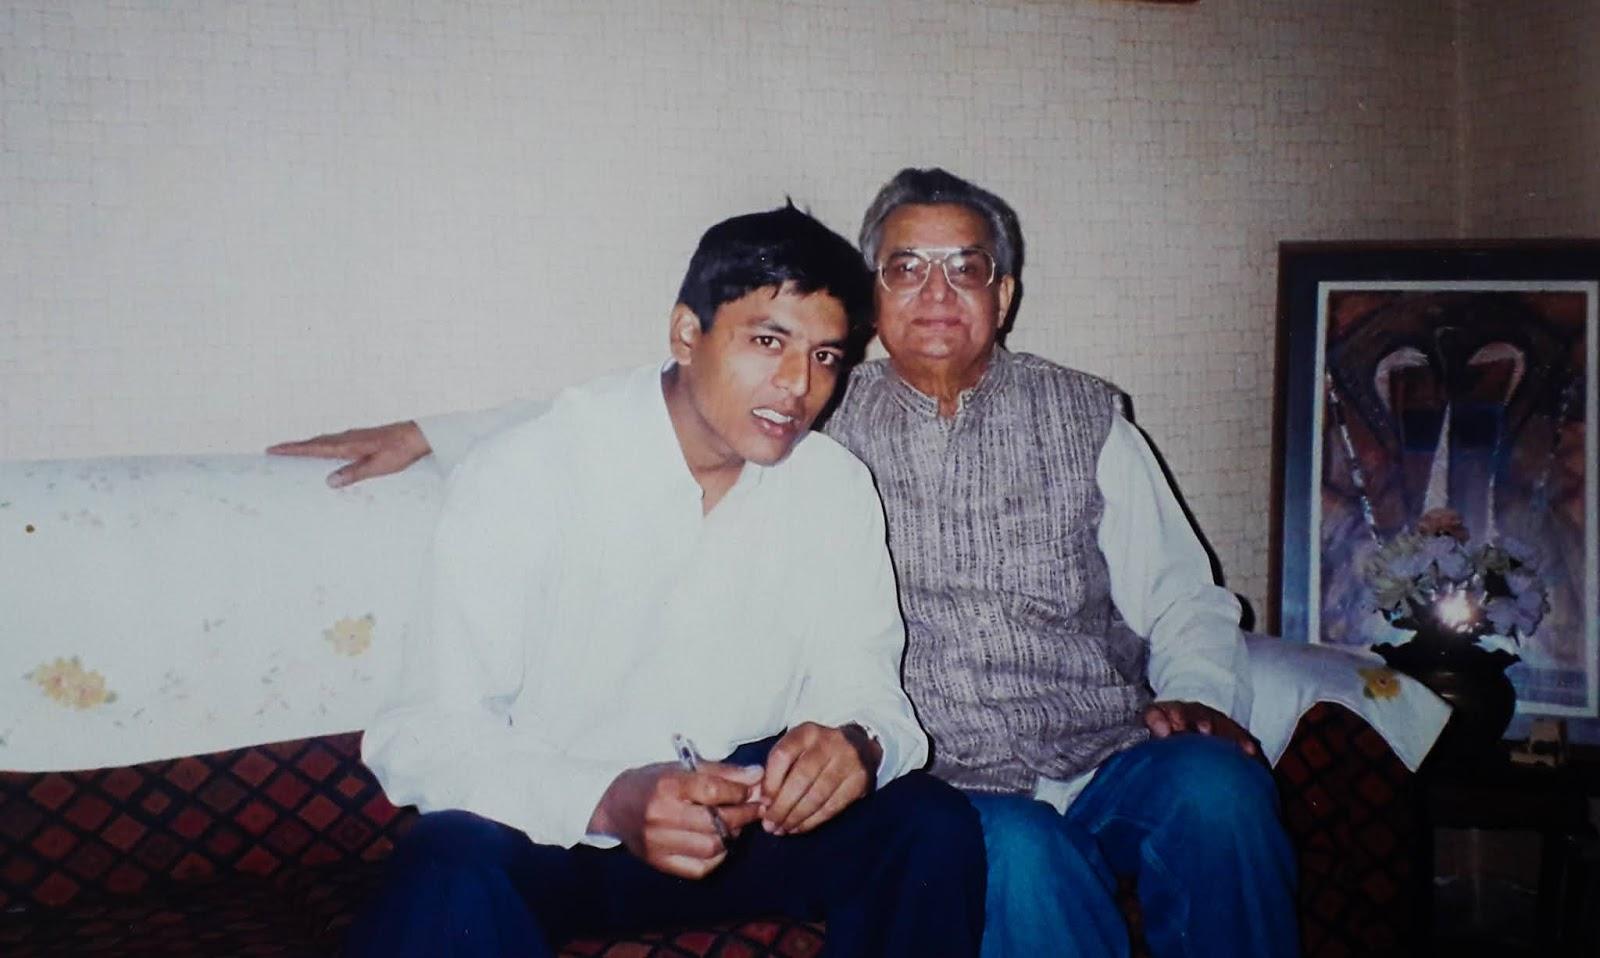 जयंती विशेष: हिंदी भाषा के सुप्रसिद्ध साहित्यकार, पत्रकार और कथाकार थे मनोहर श्याम जोशी